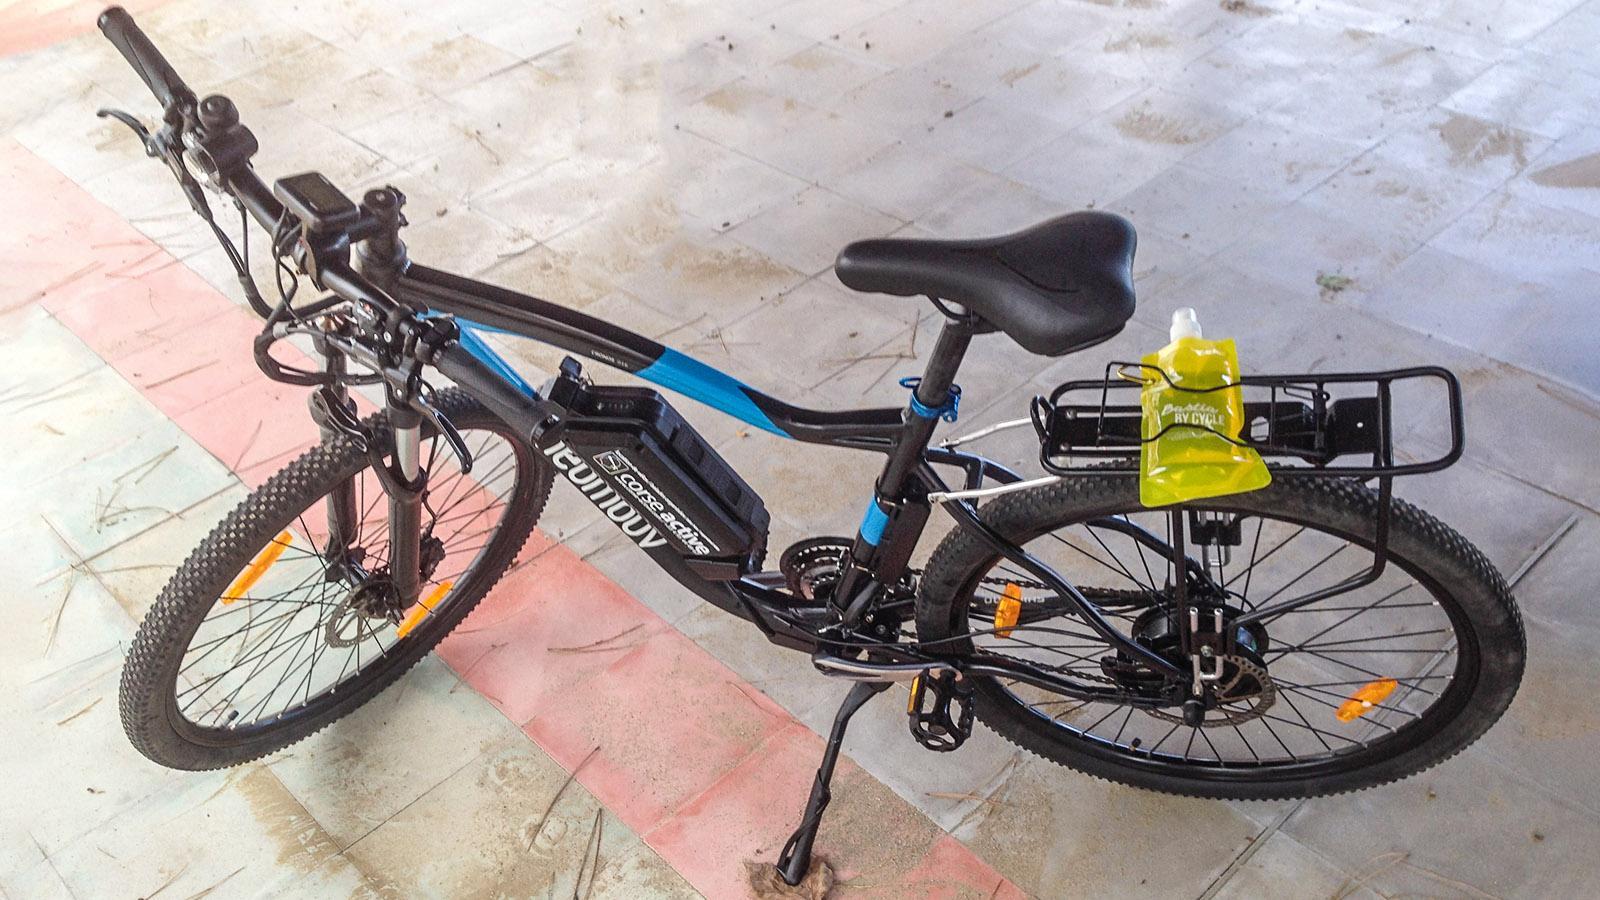 Typisches E-Bike im Verleih von Biguglia. Foto: Hilke Maunder